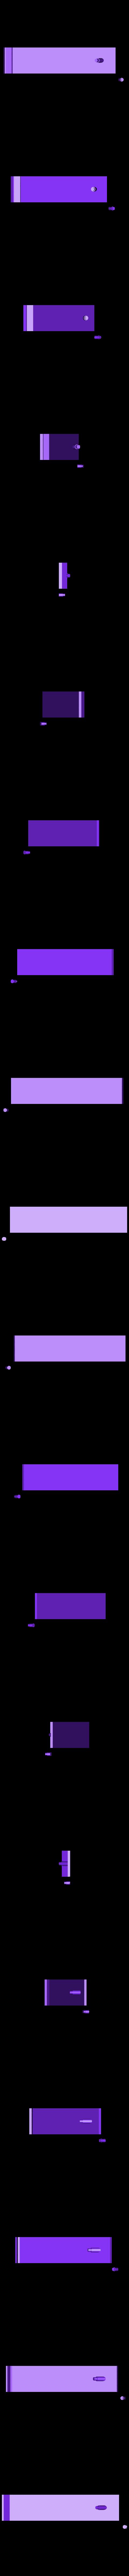 ButterflyConverterNet.stl Télécharger fichier STL gratuit Cintre à filet à ressort papillon • Modèle pour impression 3D, Lurgrod